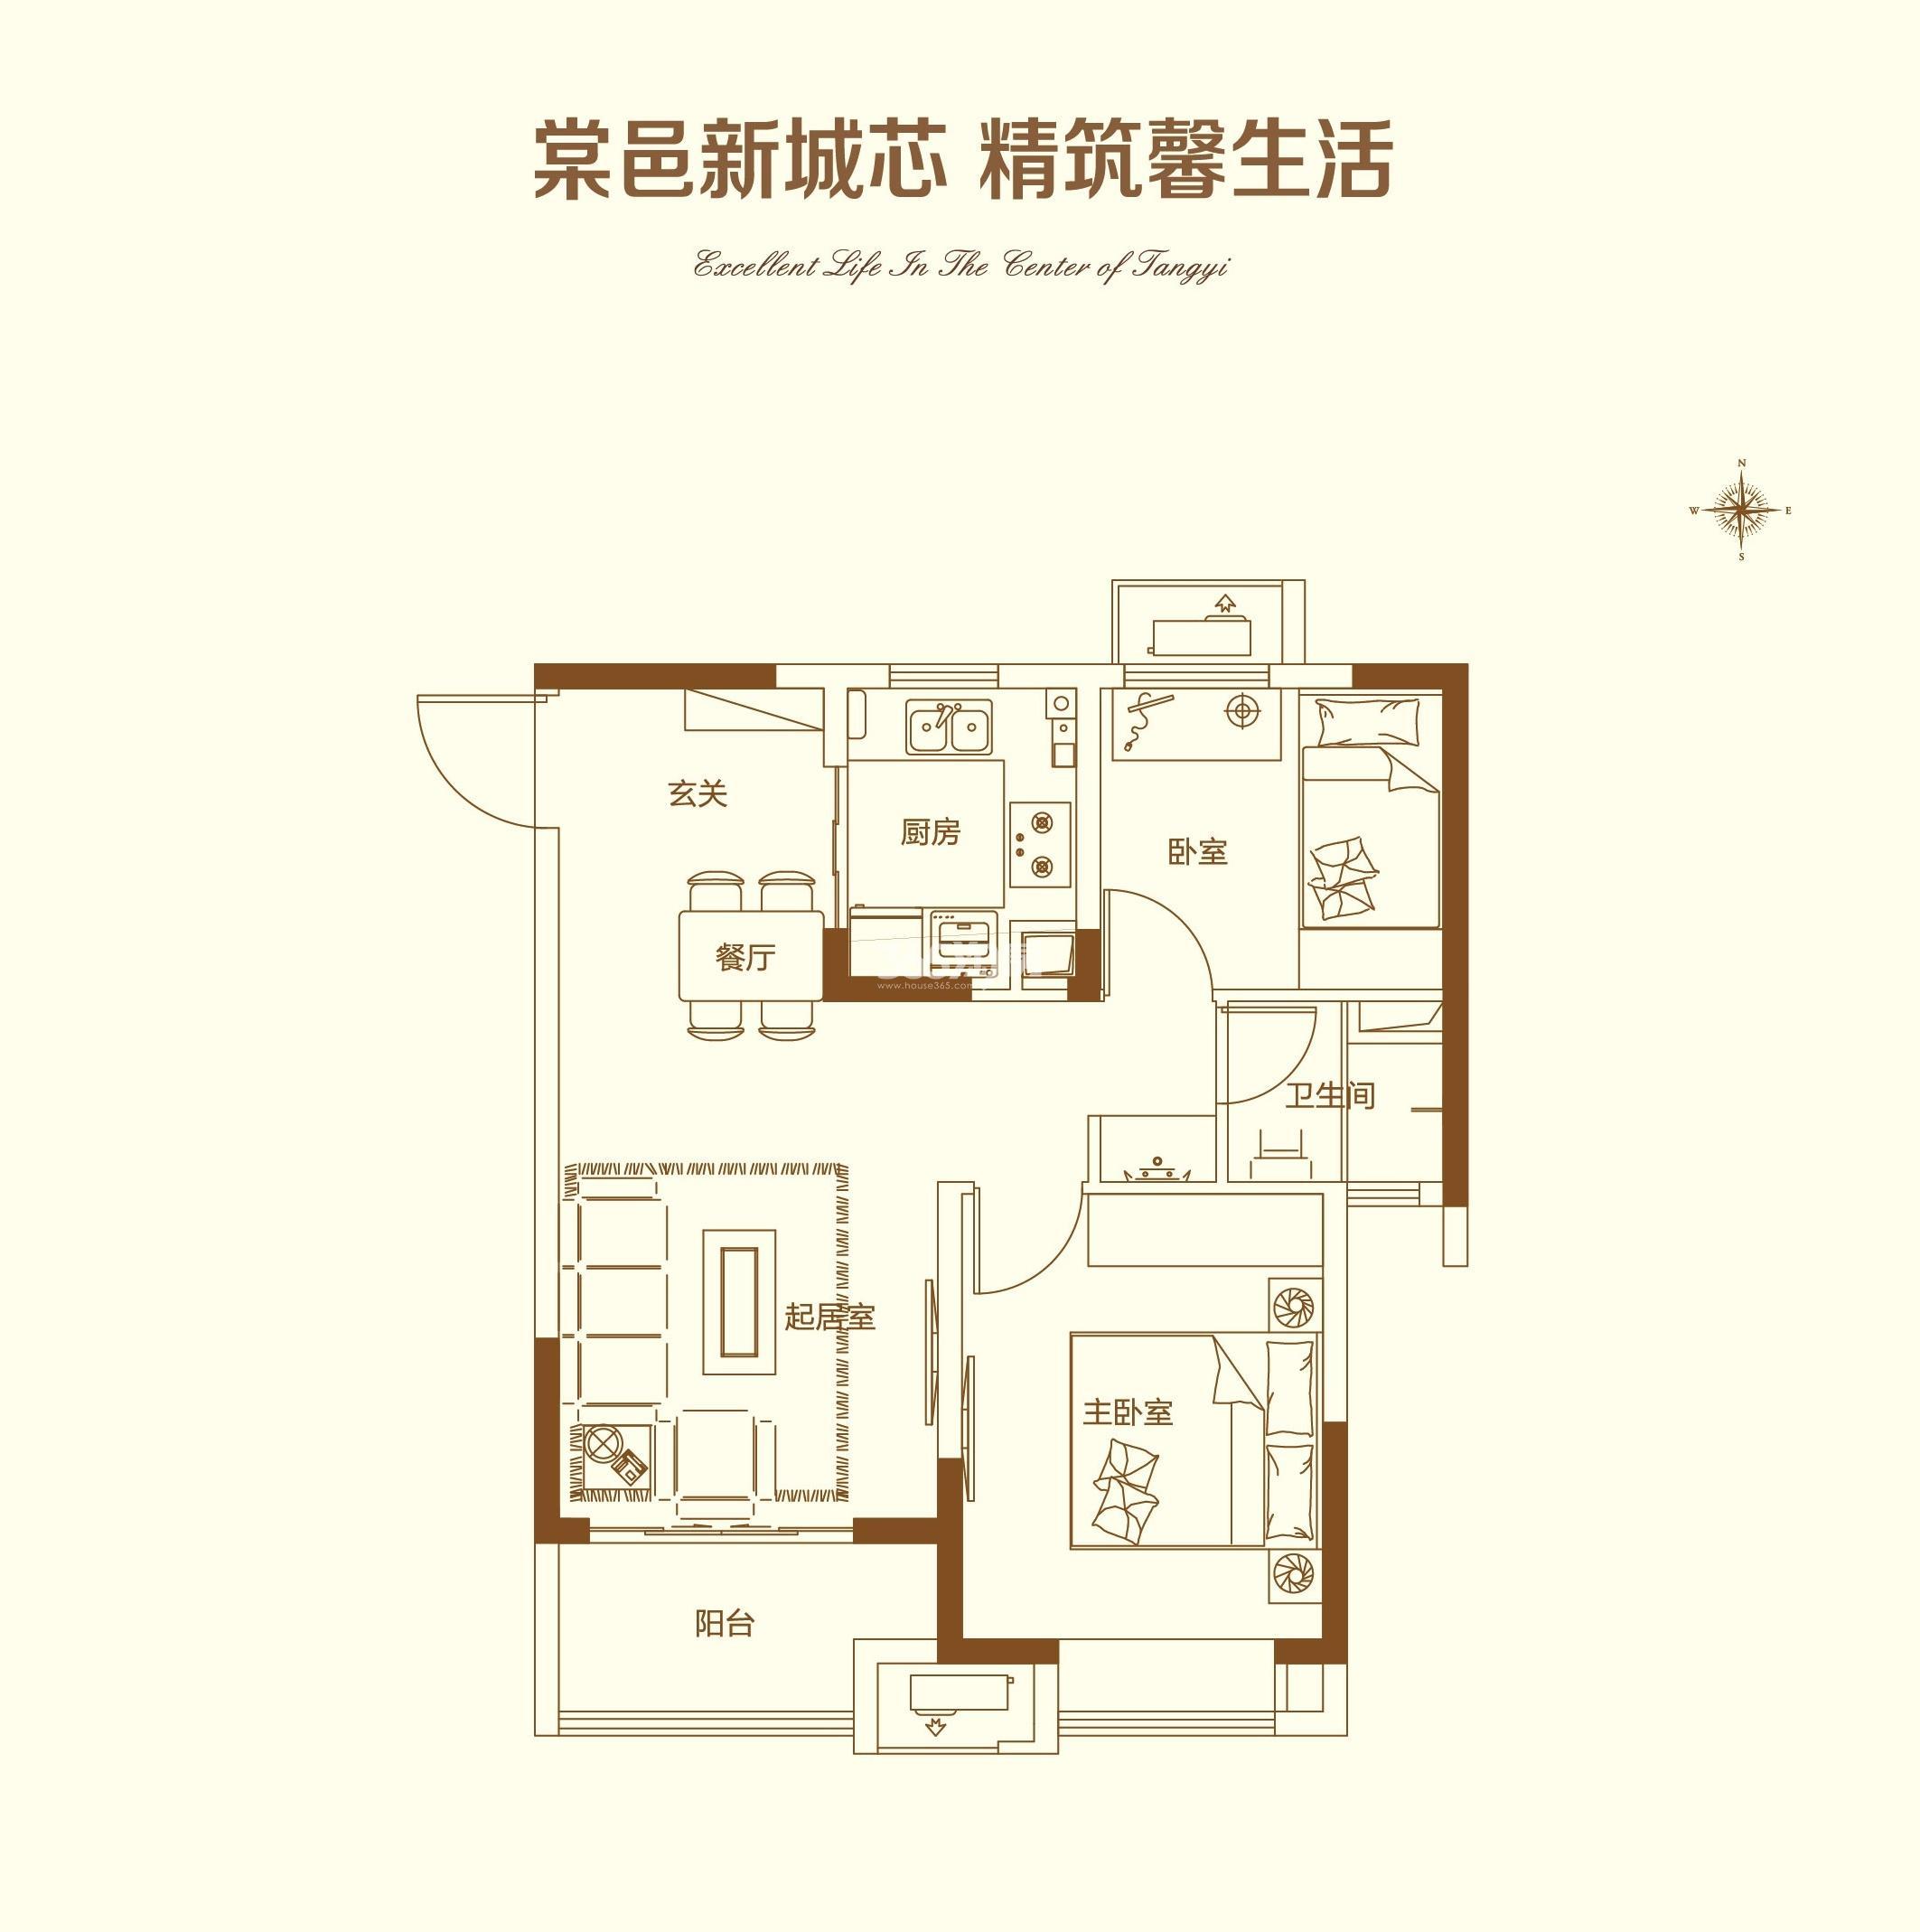 荣盛茉湖书苑75㎡A2两室两厅户型